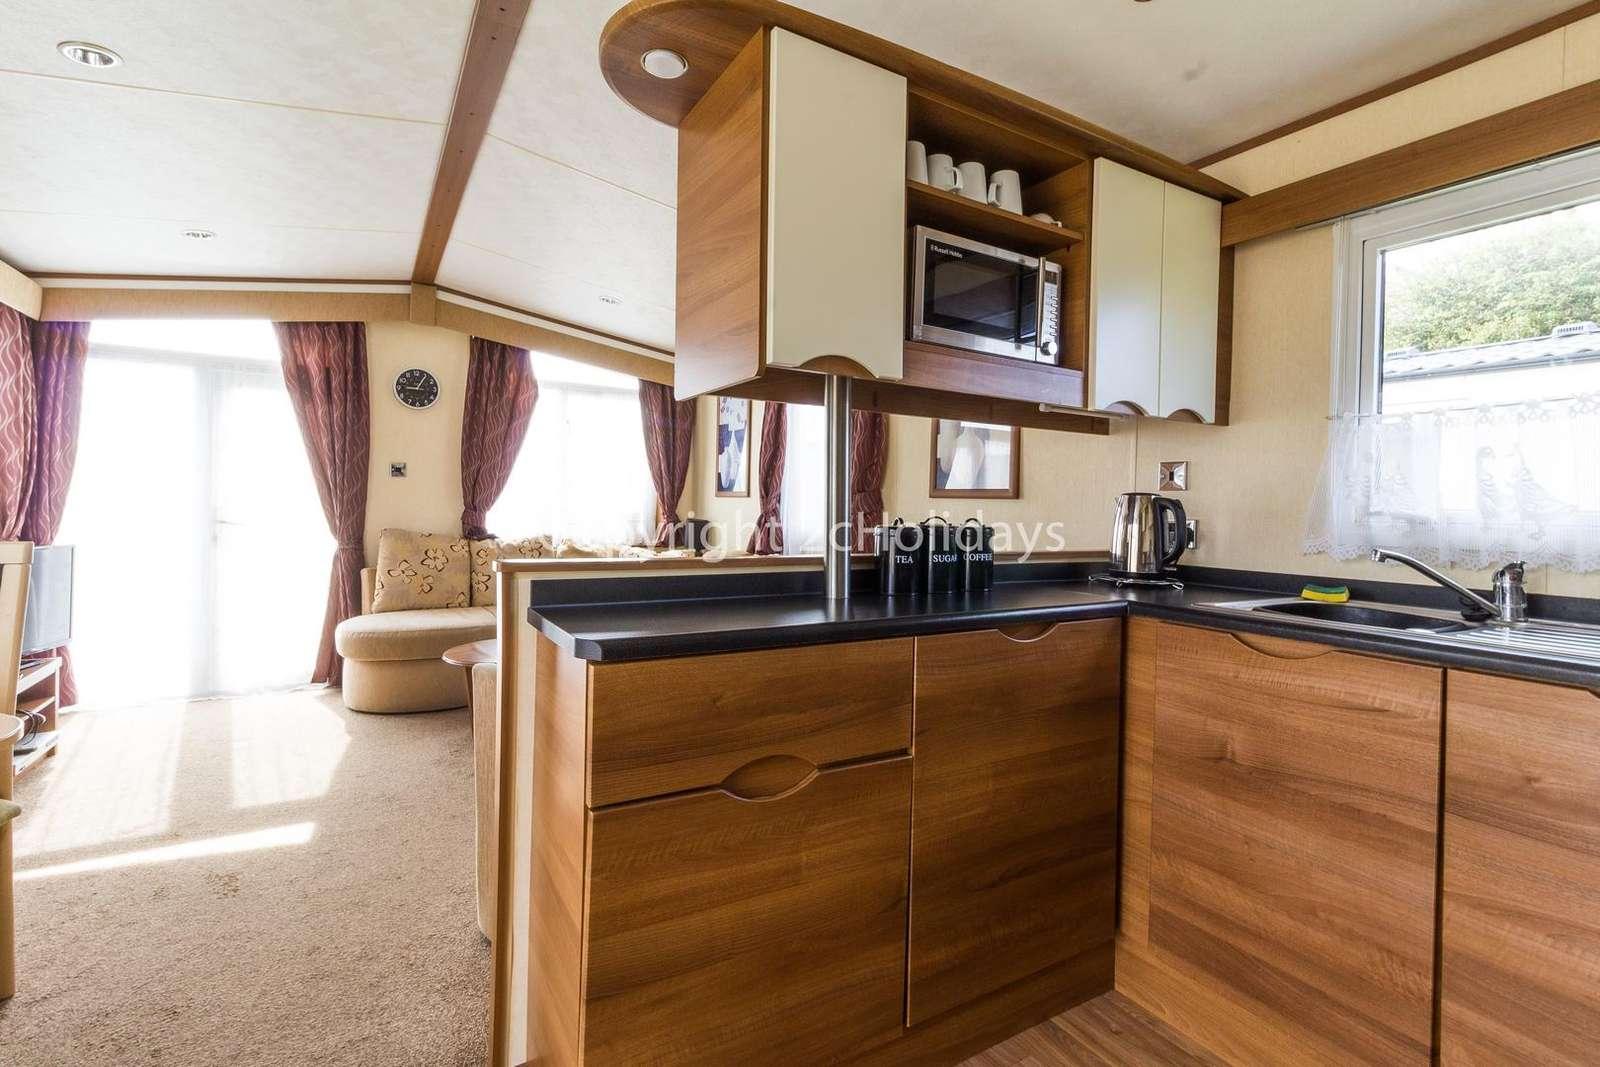 Modern open plan kitchen/lounge